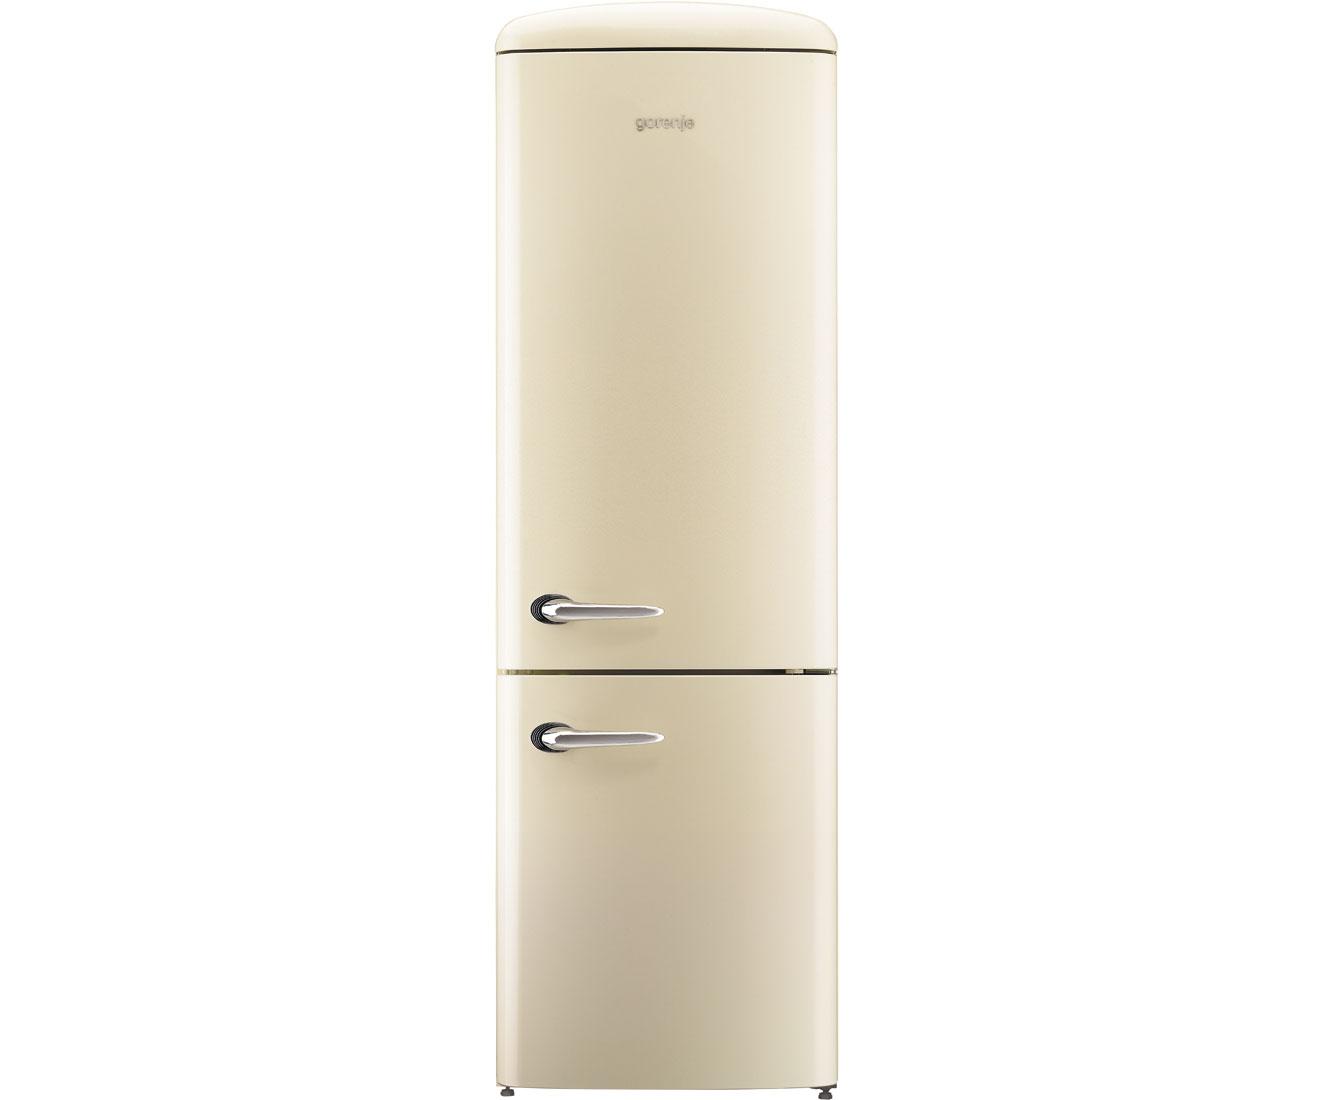 Retro Kühlschrank Gefrierkombination : Gorenje kühlschrank gefrierkombination kühlschrank